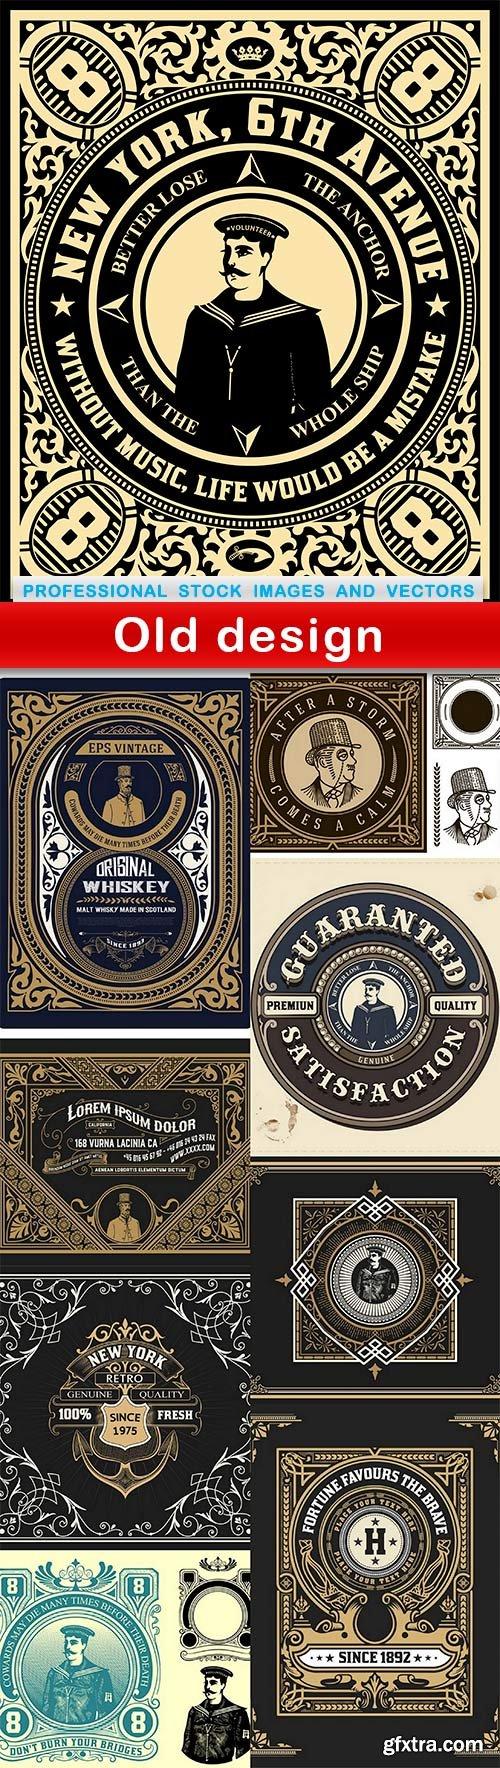 Old design - 9 EPS